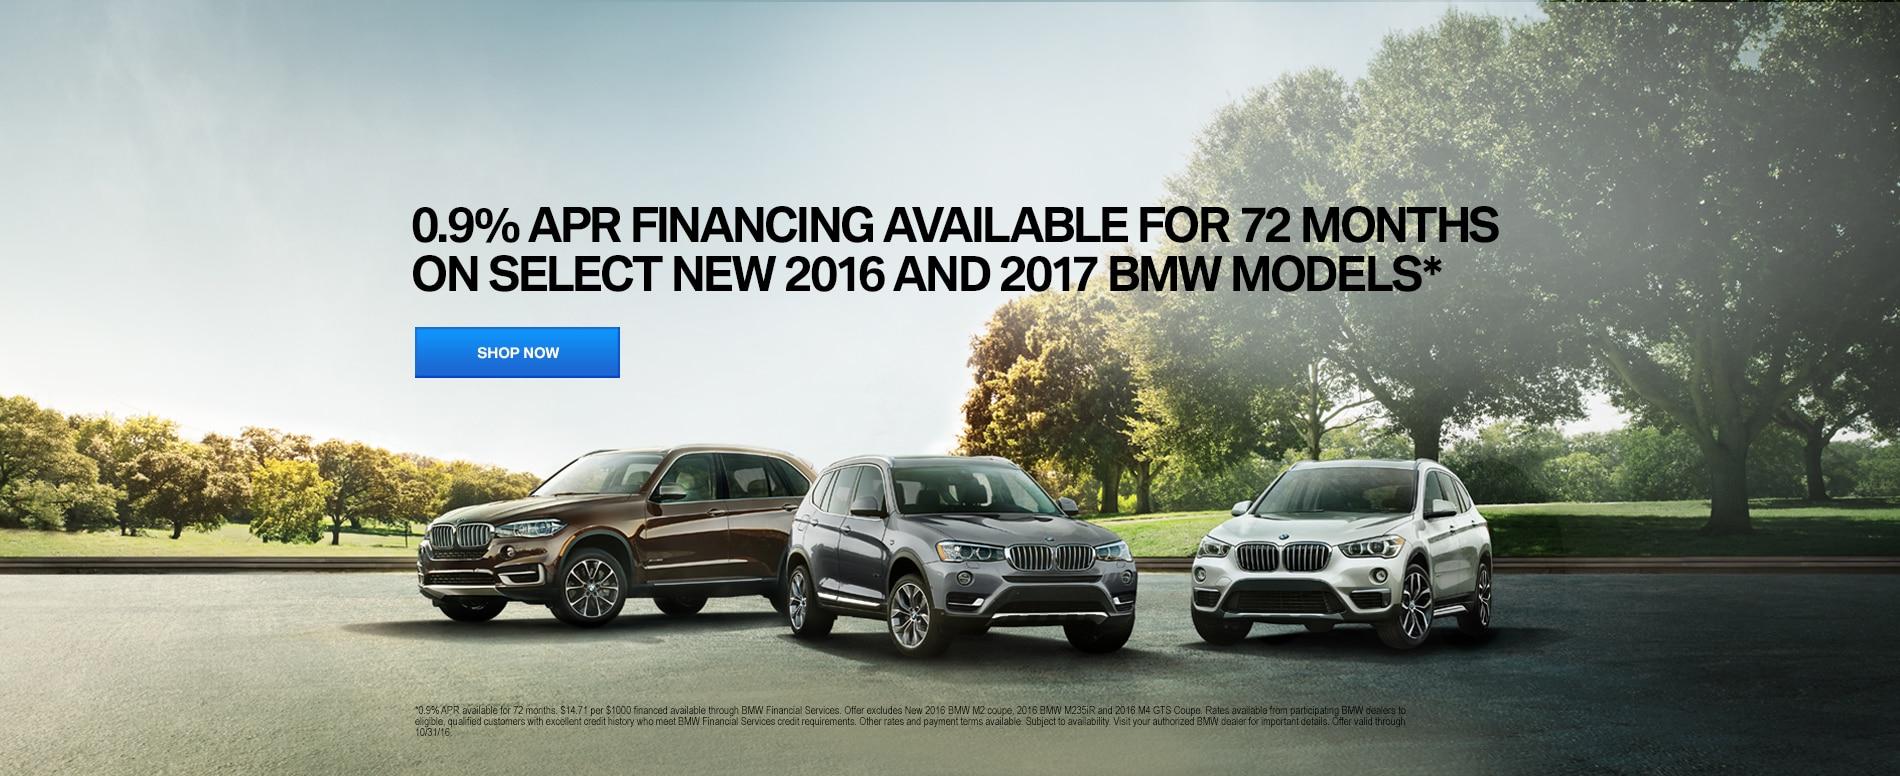 Dallas BMW Dealership Near Me | BMW of Dallas